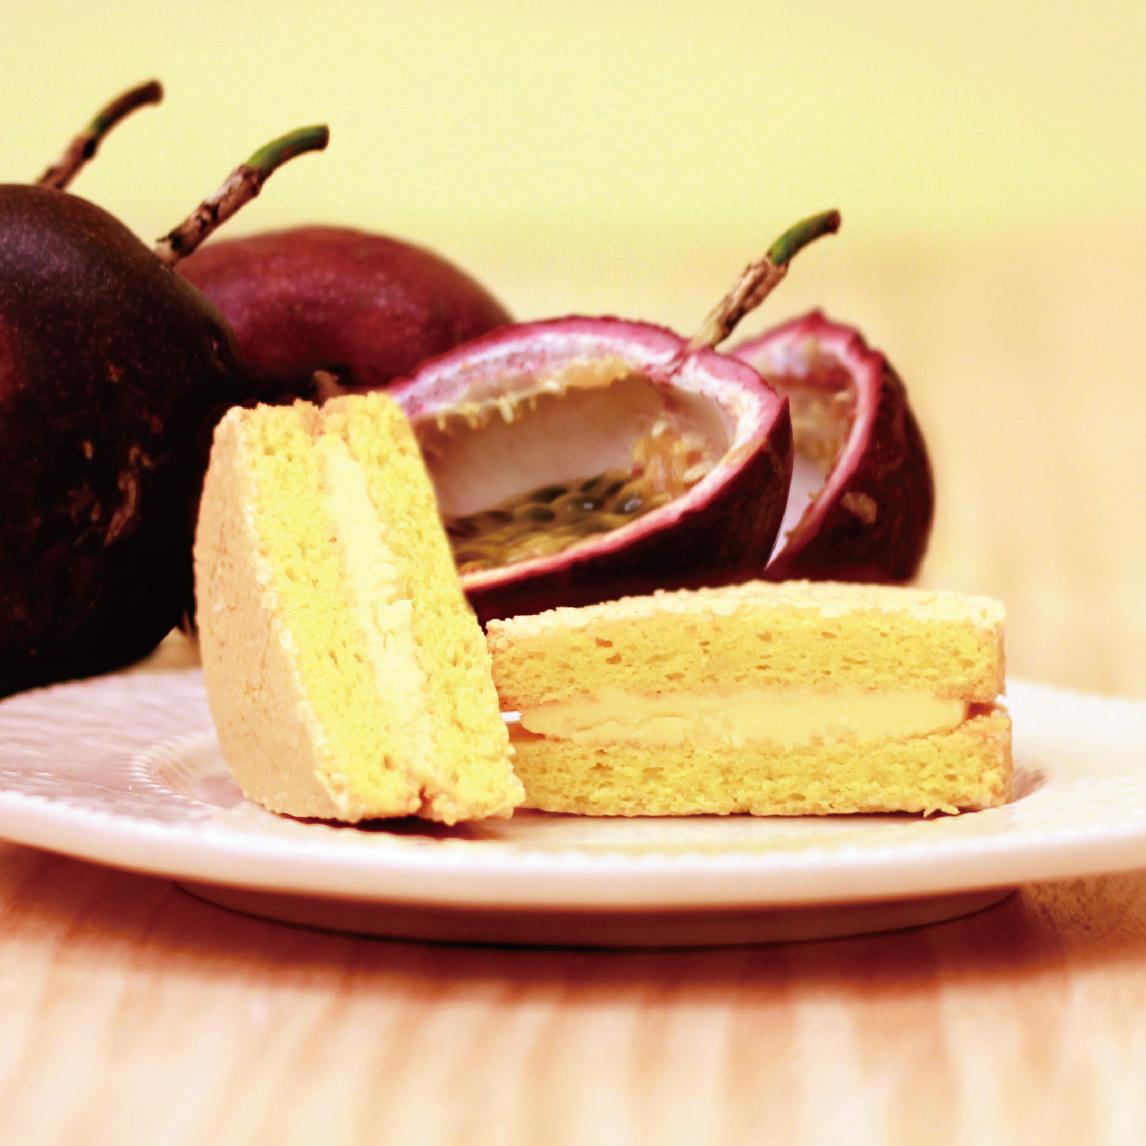 ★ 法式百香果達克瓦茲  ★達克瓦茲 DACQUOISE 法國百年甜點 由高級進口杏仁粉製作,似馬卡龍但又不會甜膩,外酥內軟充滿天然杏仁香氣 + 100%原汁百香餡,酸酸甜甜的好滋味~